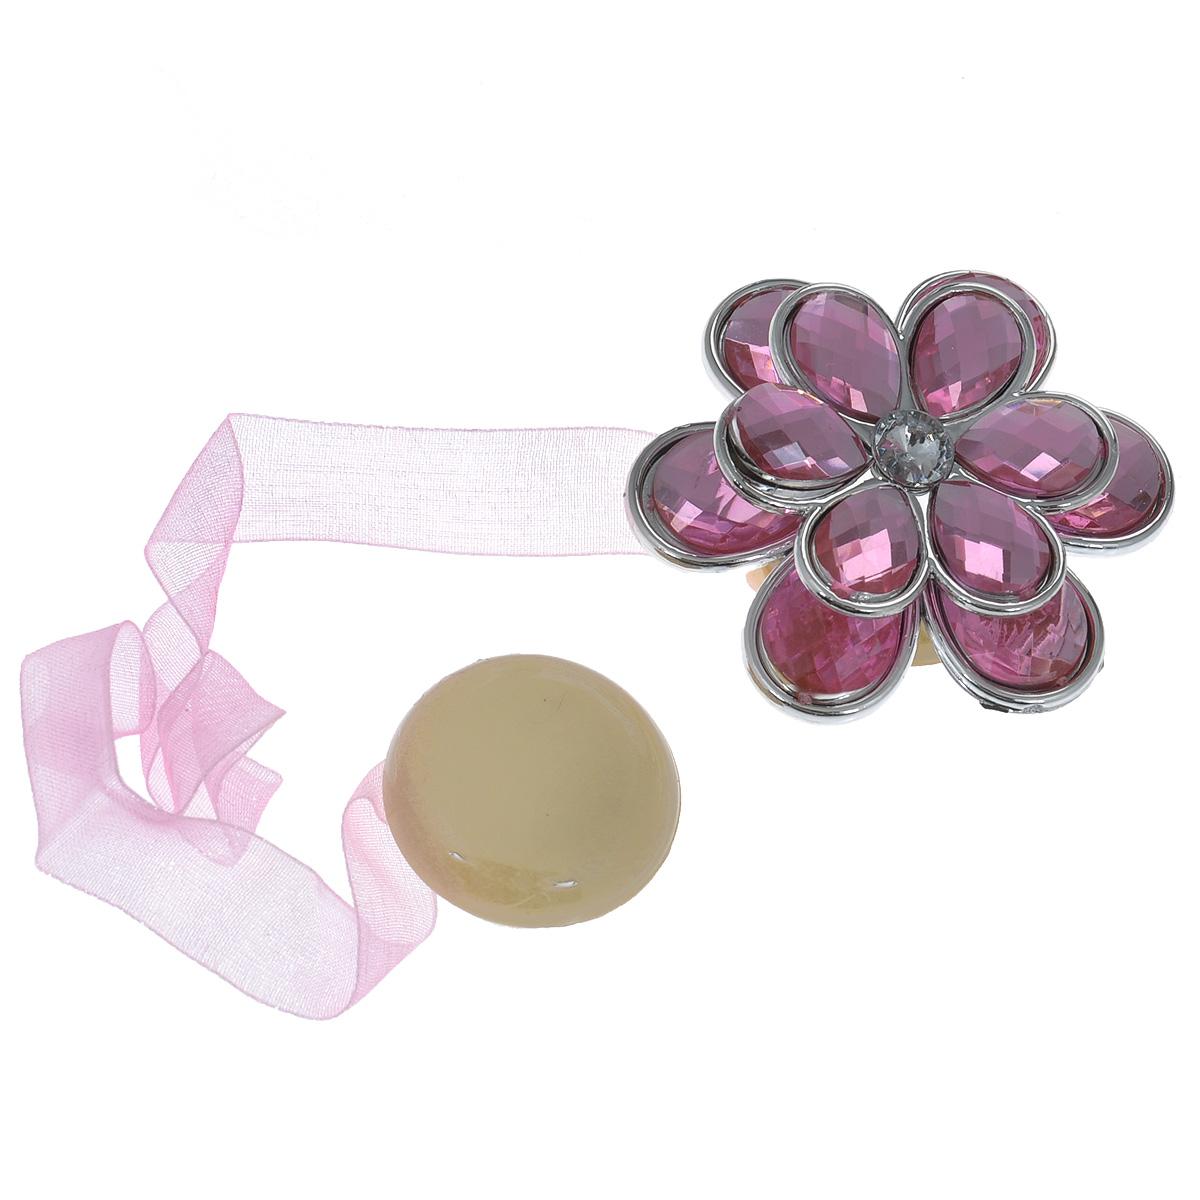 Клипса-магнит для штор Calamita Fiore, цвет: розовый. 7704021_5517704021_551Клипса-магнит Calamita Fiore, изготовленная из пластика и текстиля, предназначена для придания формы шторам. Изделие представляет собой два магнита, расположенные на разных концах текстильной ленты. Один из магнитов оформлен декоративным цветком. С помощью такой магнитной клипсы можно зафиксировать портьеры, придать им требуемое положение, сделать складки симметричными или приблизить портьеры, скрепить их. Клипсы для штор являются универсальным изделием, которое превосходно подойдет как для штор в детской комнате, так и для штор в гостиной. Следует отметить, что клипсы для штор выполняют не только практическую функцию, но также являются одной из основных деталей декора этого изделия, которая придает шторам восхитительный, стильный внешний вид.Диаметр декоративного цветка: 5 см.Диаметр магнита: 2,5 см.Длина ленты: 25 см.